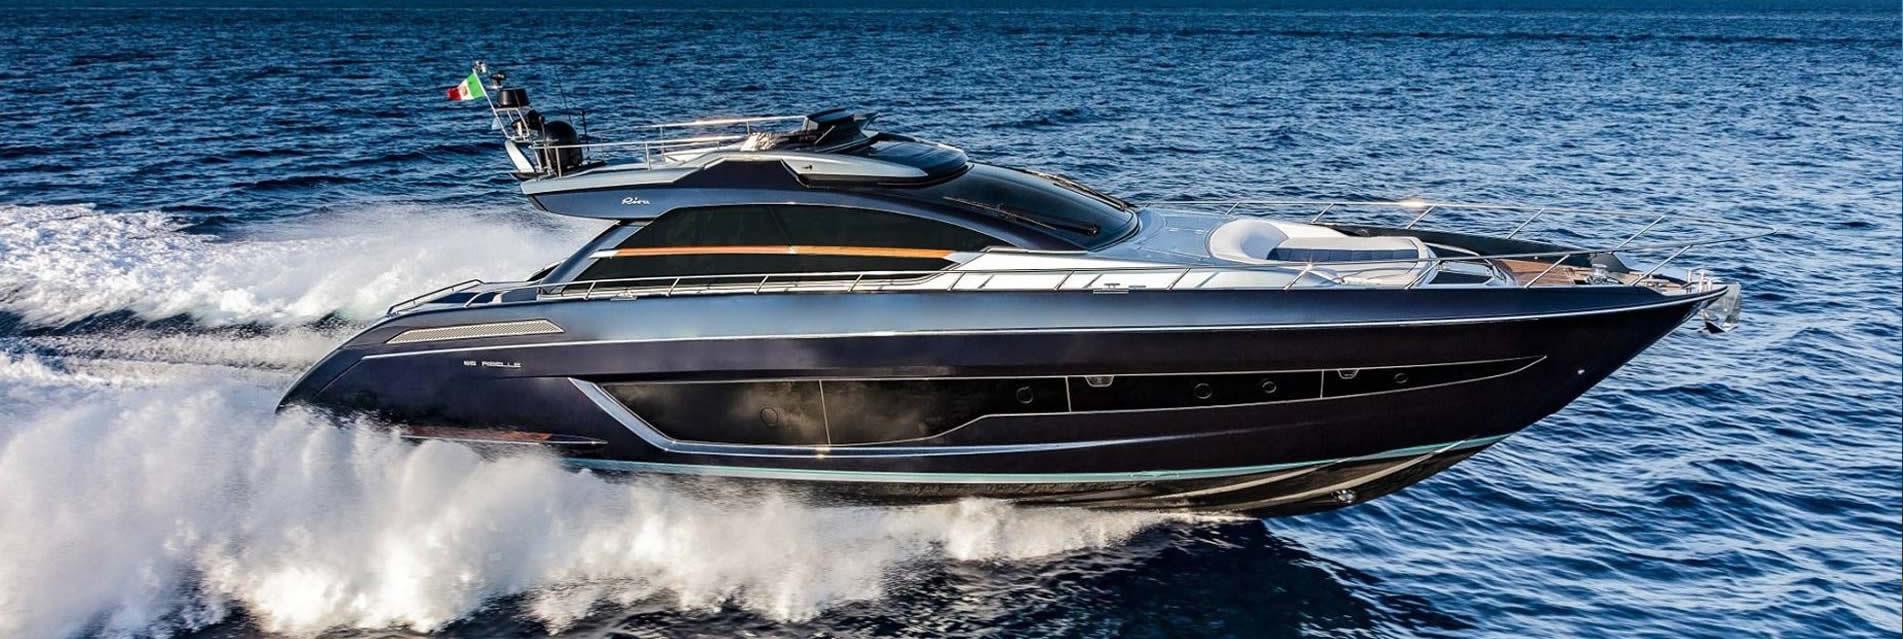 Riva-66-Ribelle-Flybridge-Crusing-Yacht